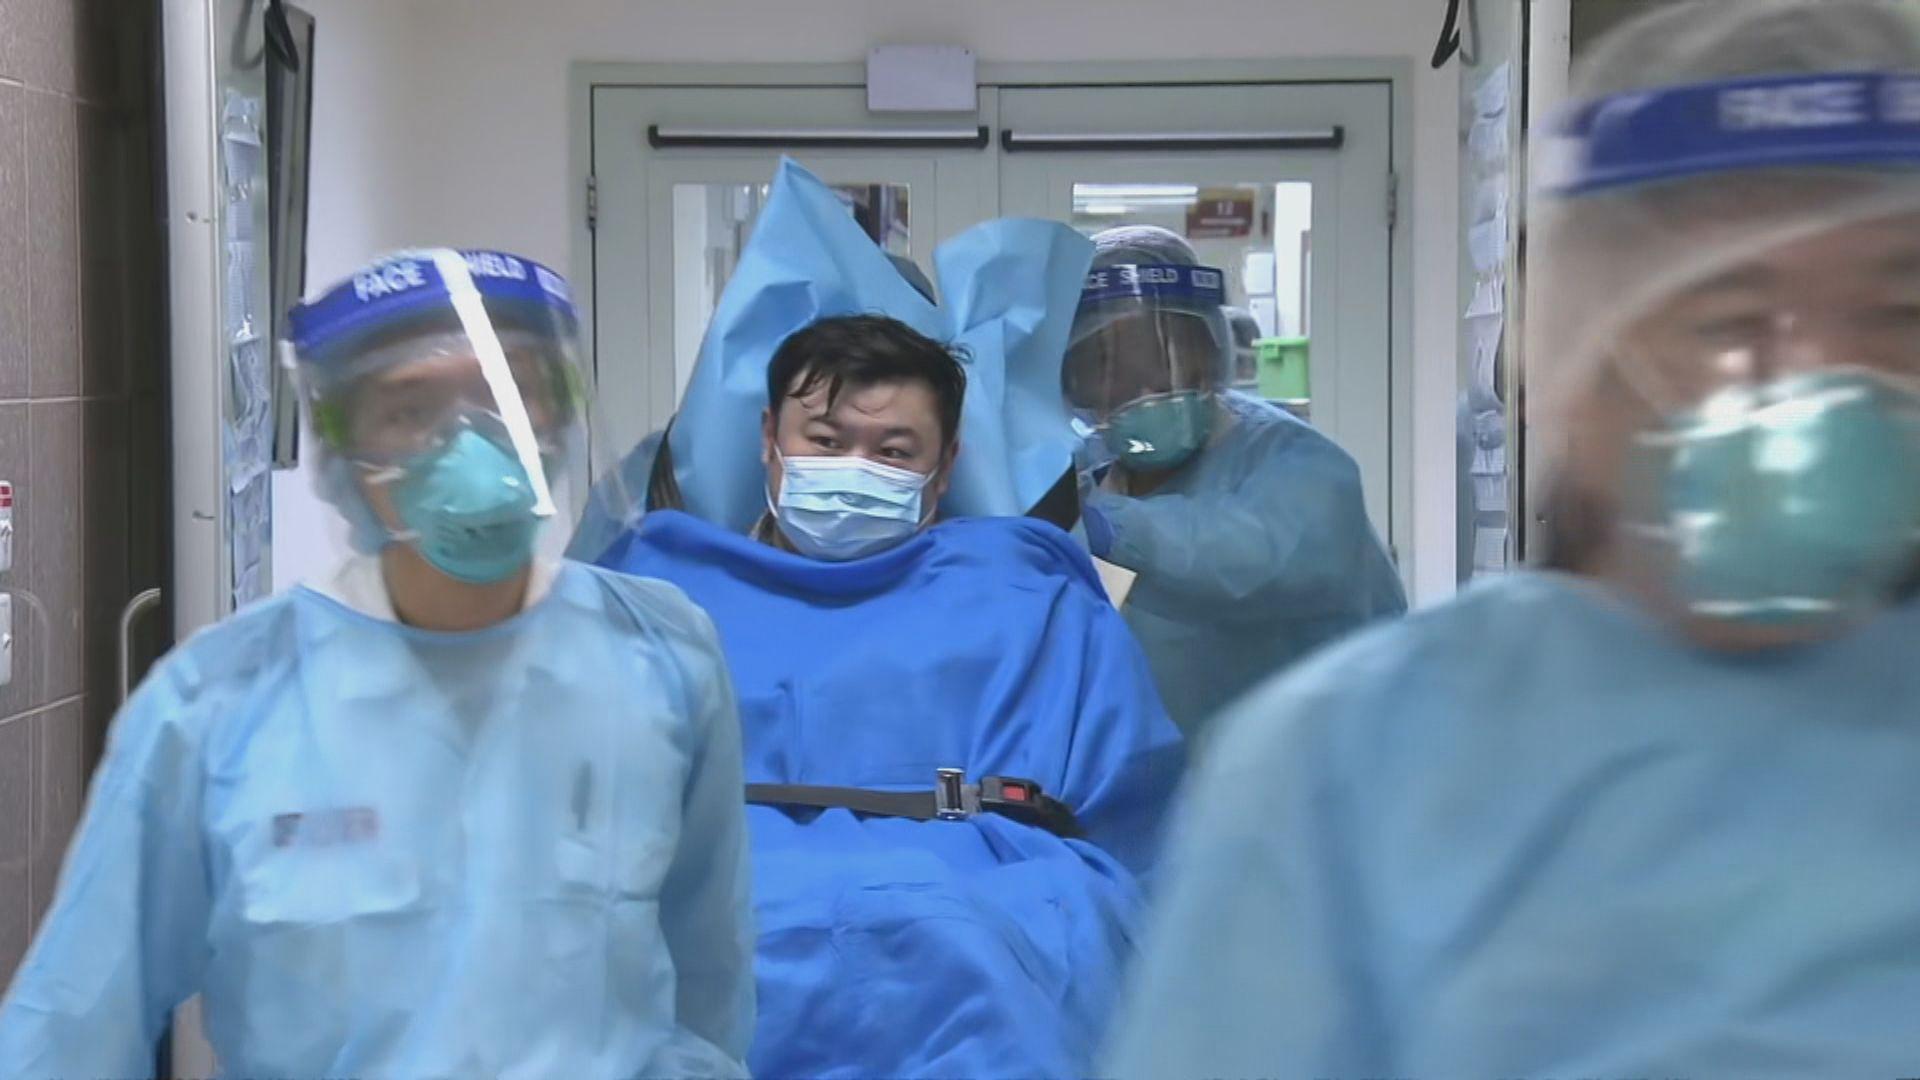 香港首宗新型冠狀病毒個案 懷疑確診後轉送瑪嘉烈醫院